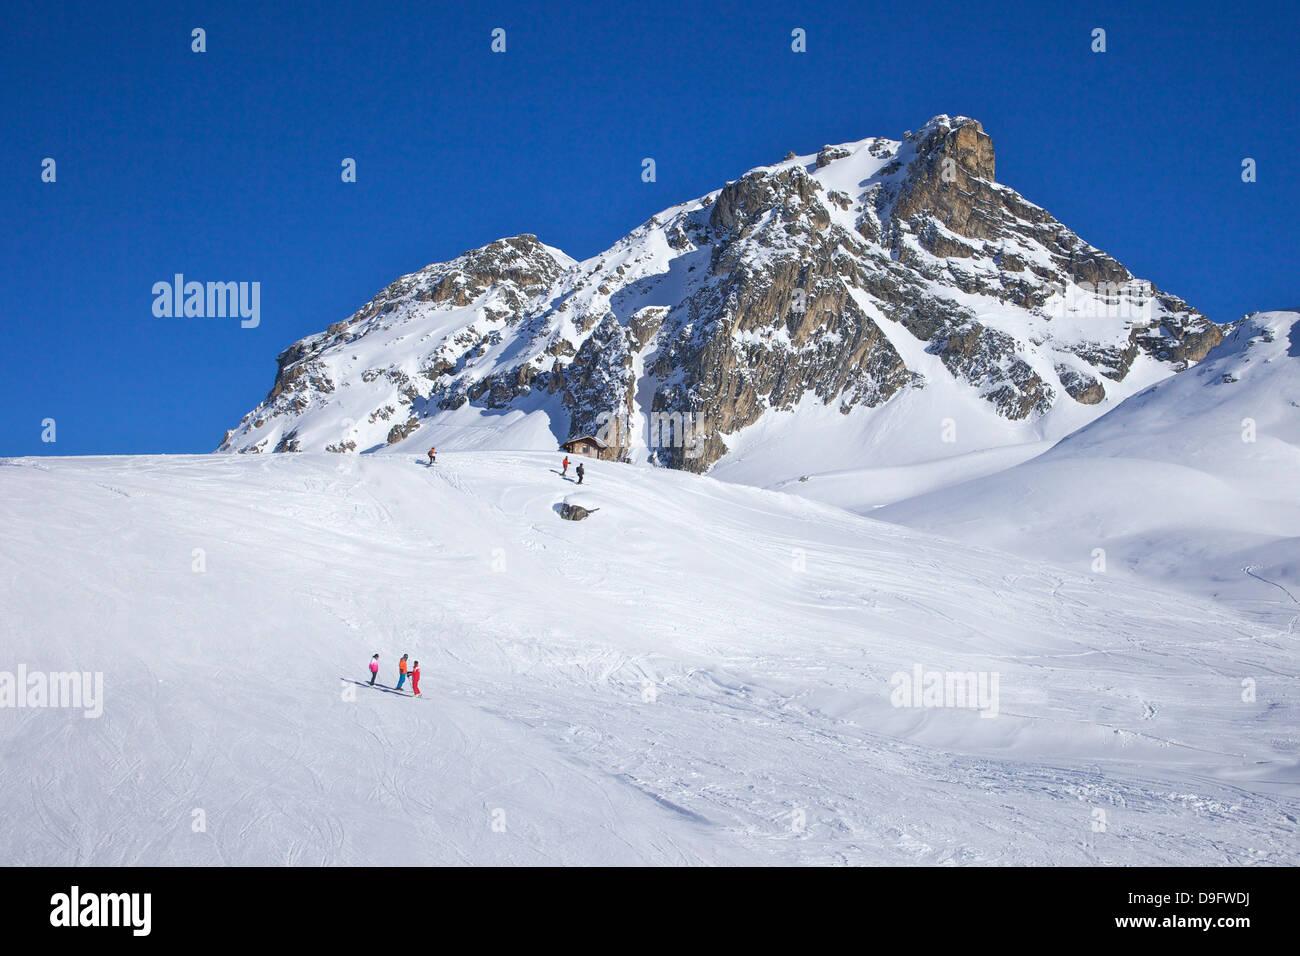 Le Serac piste blu, sole invernale, Champagny, La Plagne, sulle Alpi francesi, Francia Immagini Stock